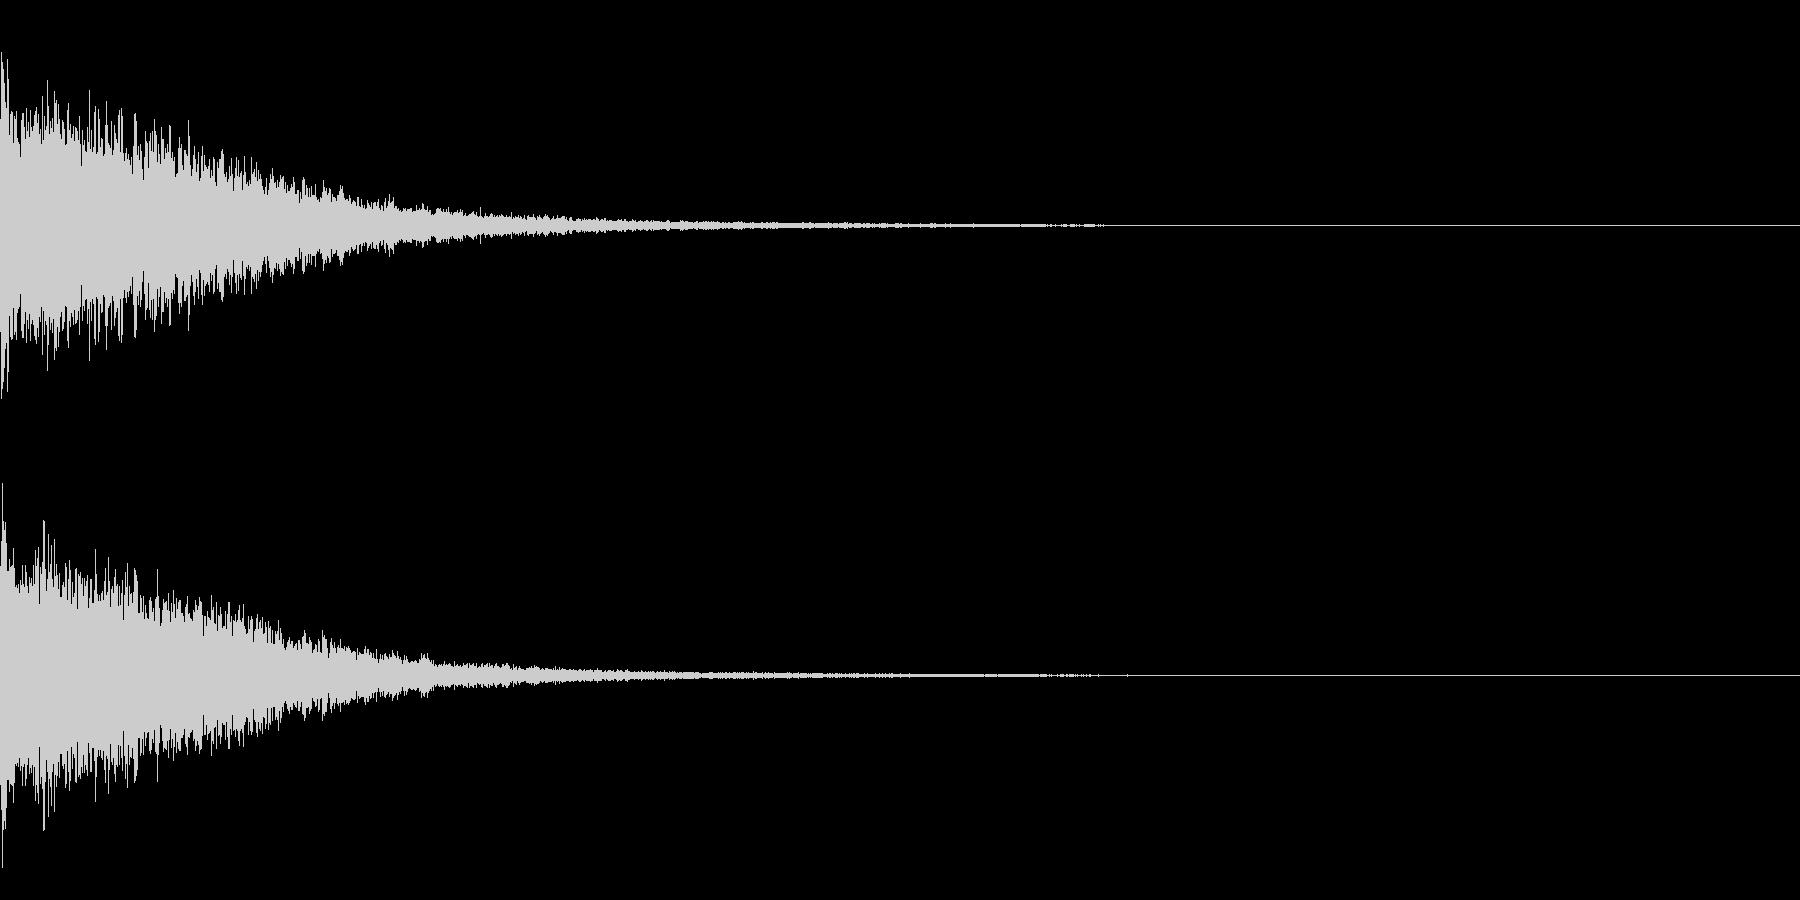 インパクト系 強調 重厚 豪華の未再生の波形